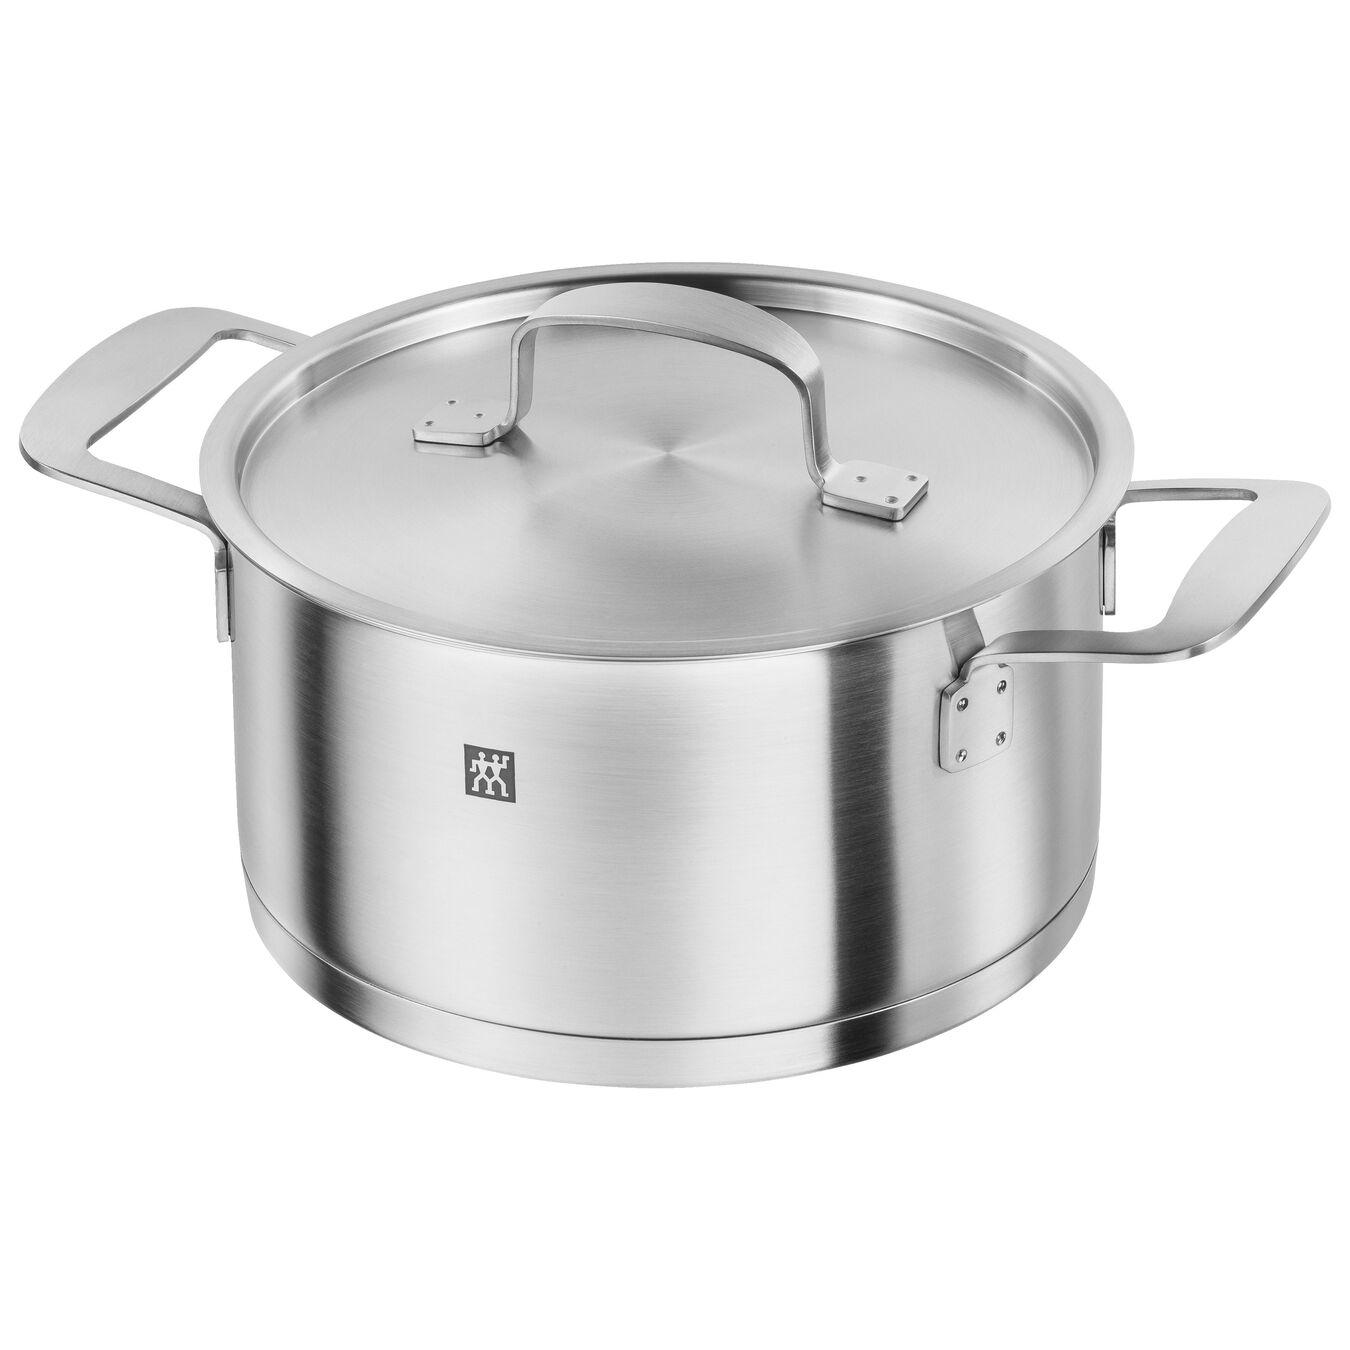 Ensemble de casseroles 3-pcs,,large 9